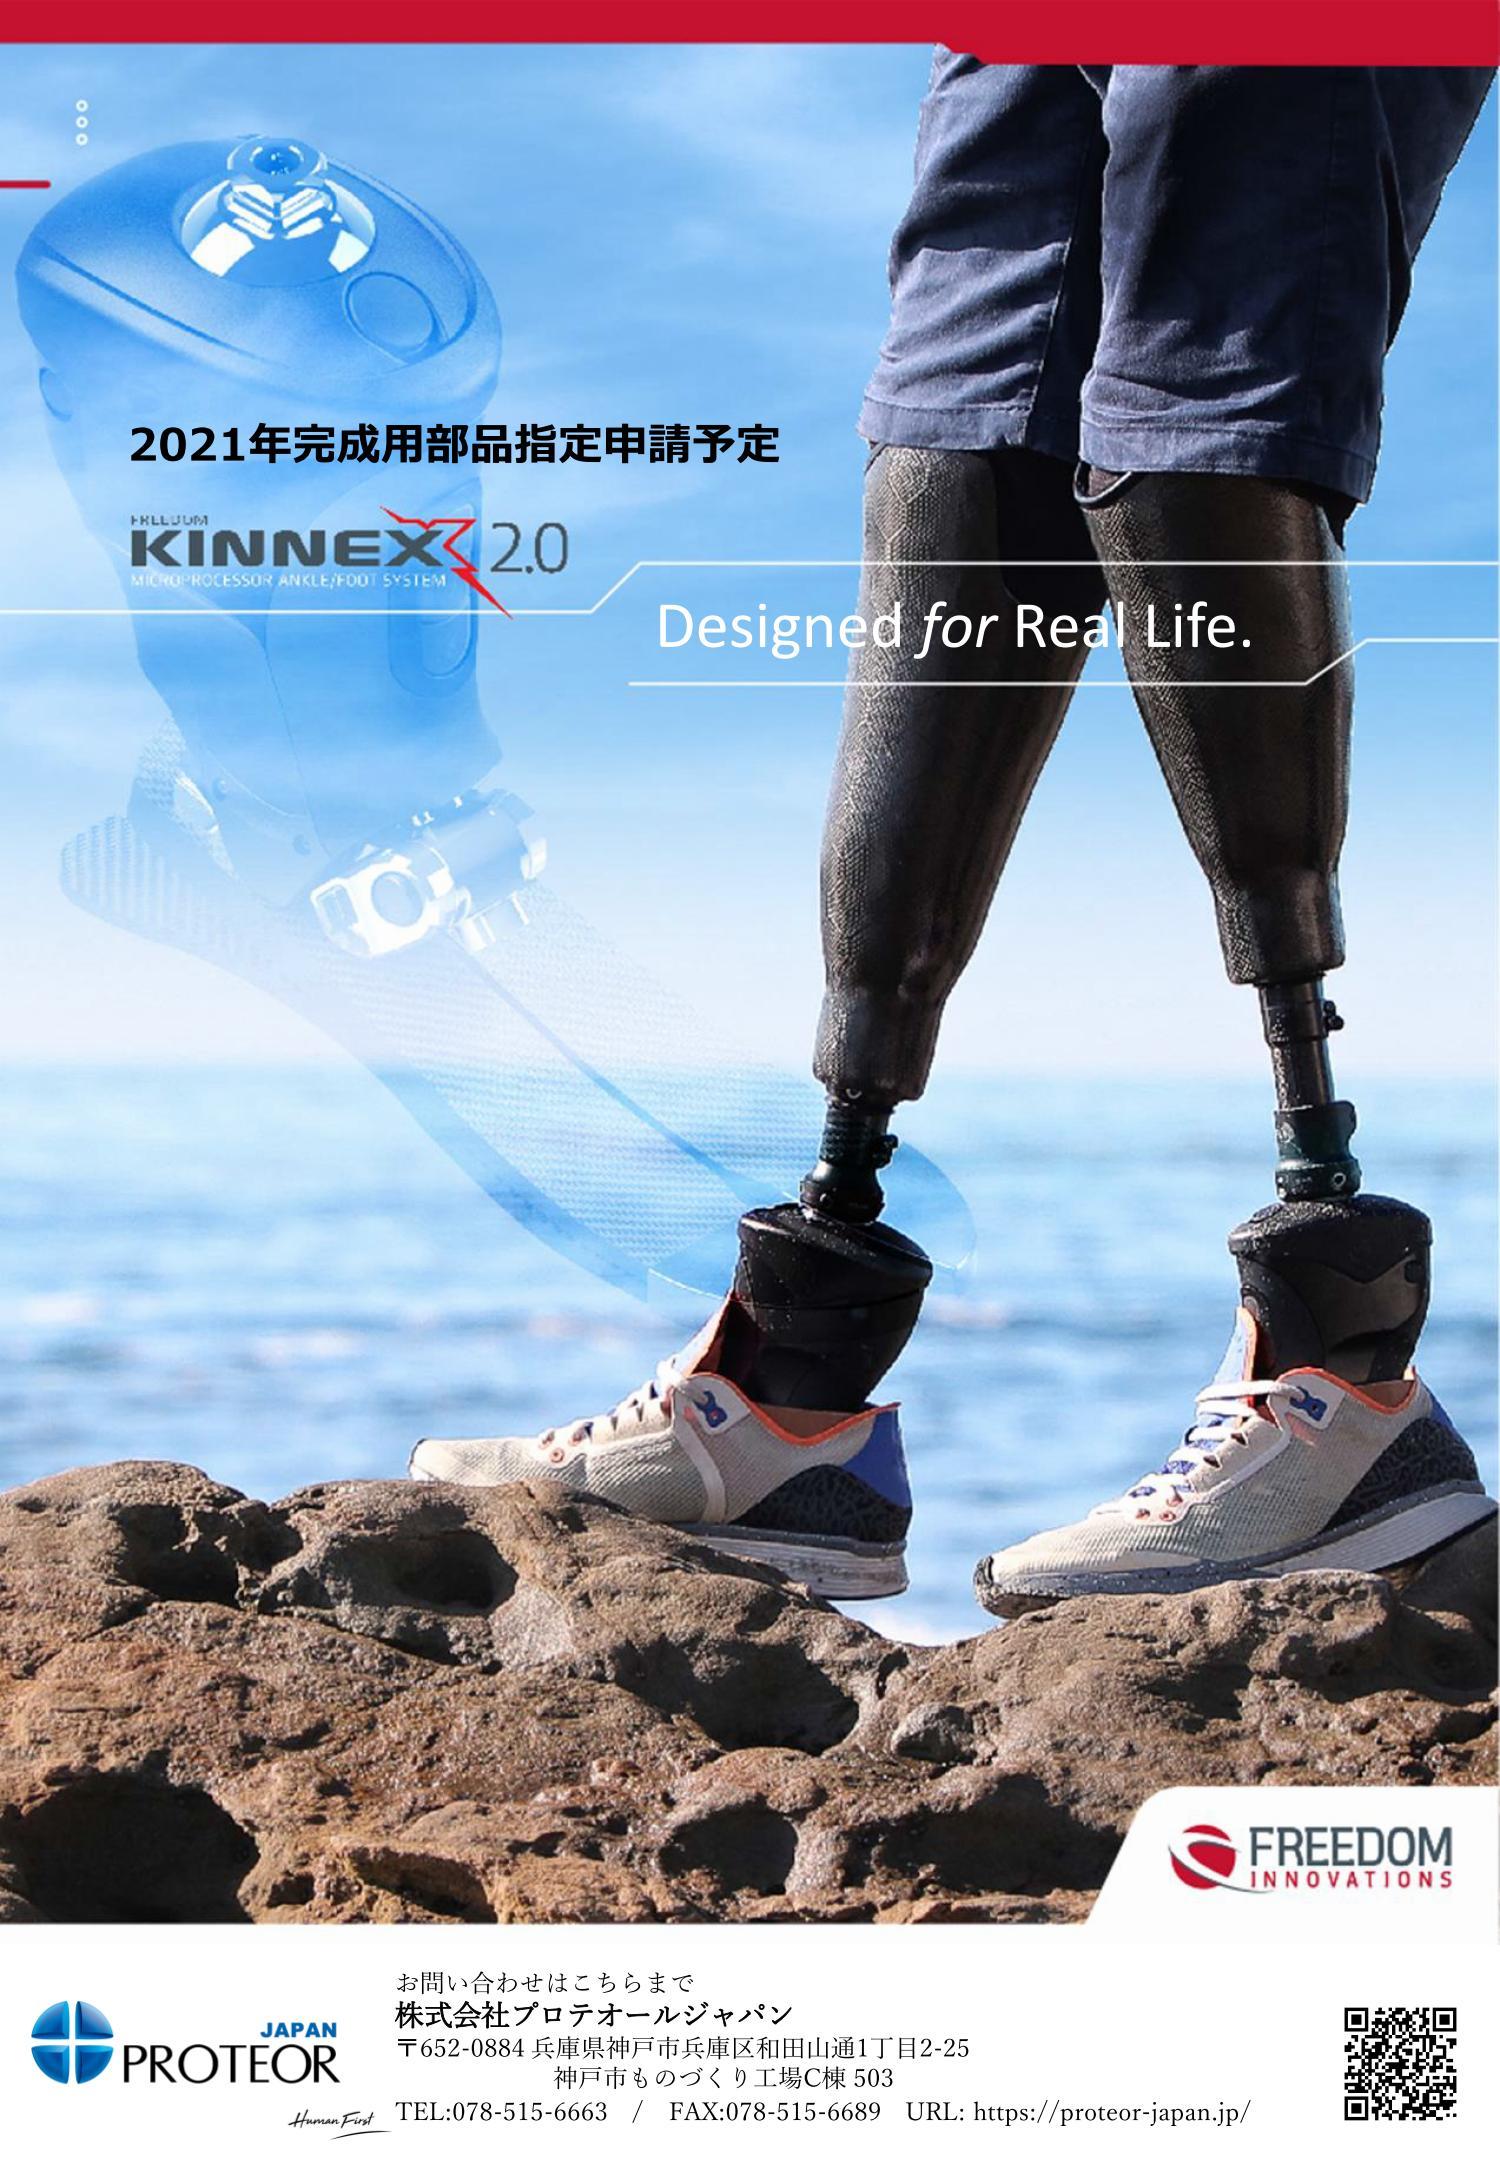 2021年度完成用部品新規申請中の電子制御式足部Kinnexをご紹介します。